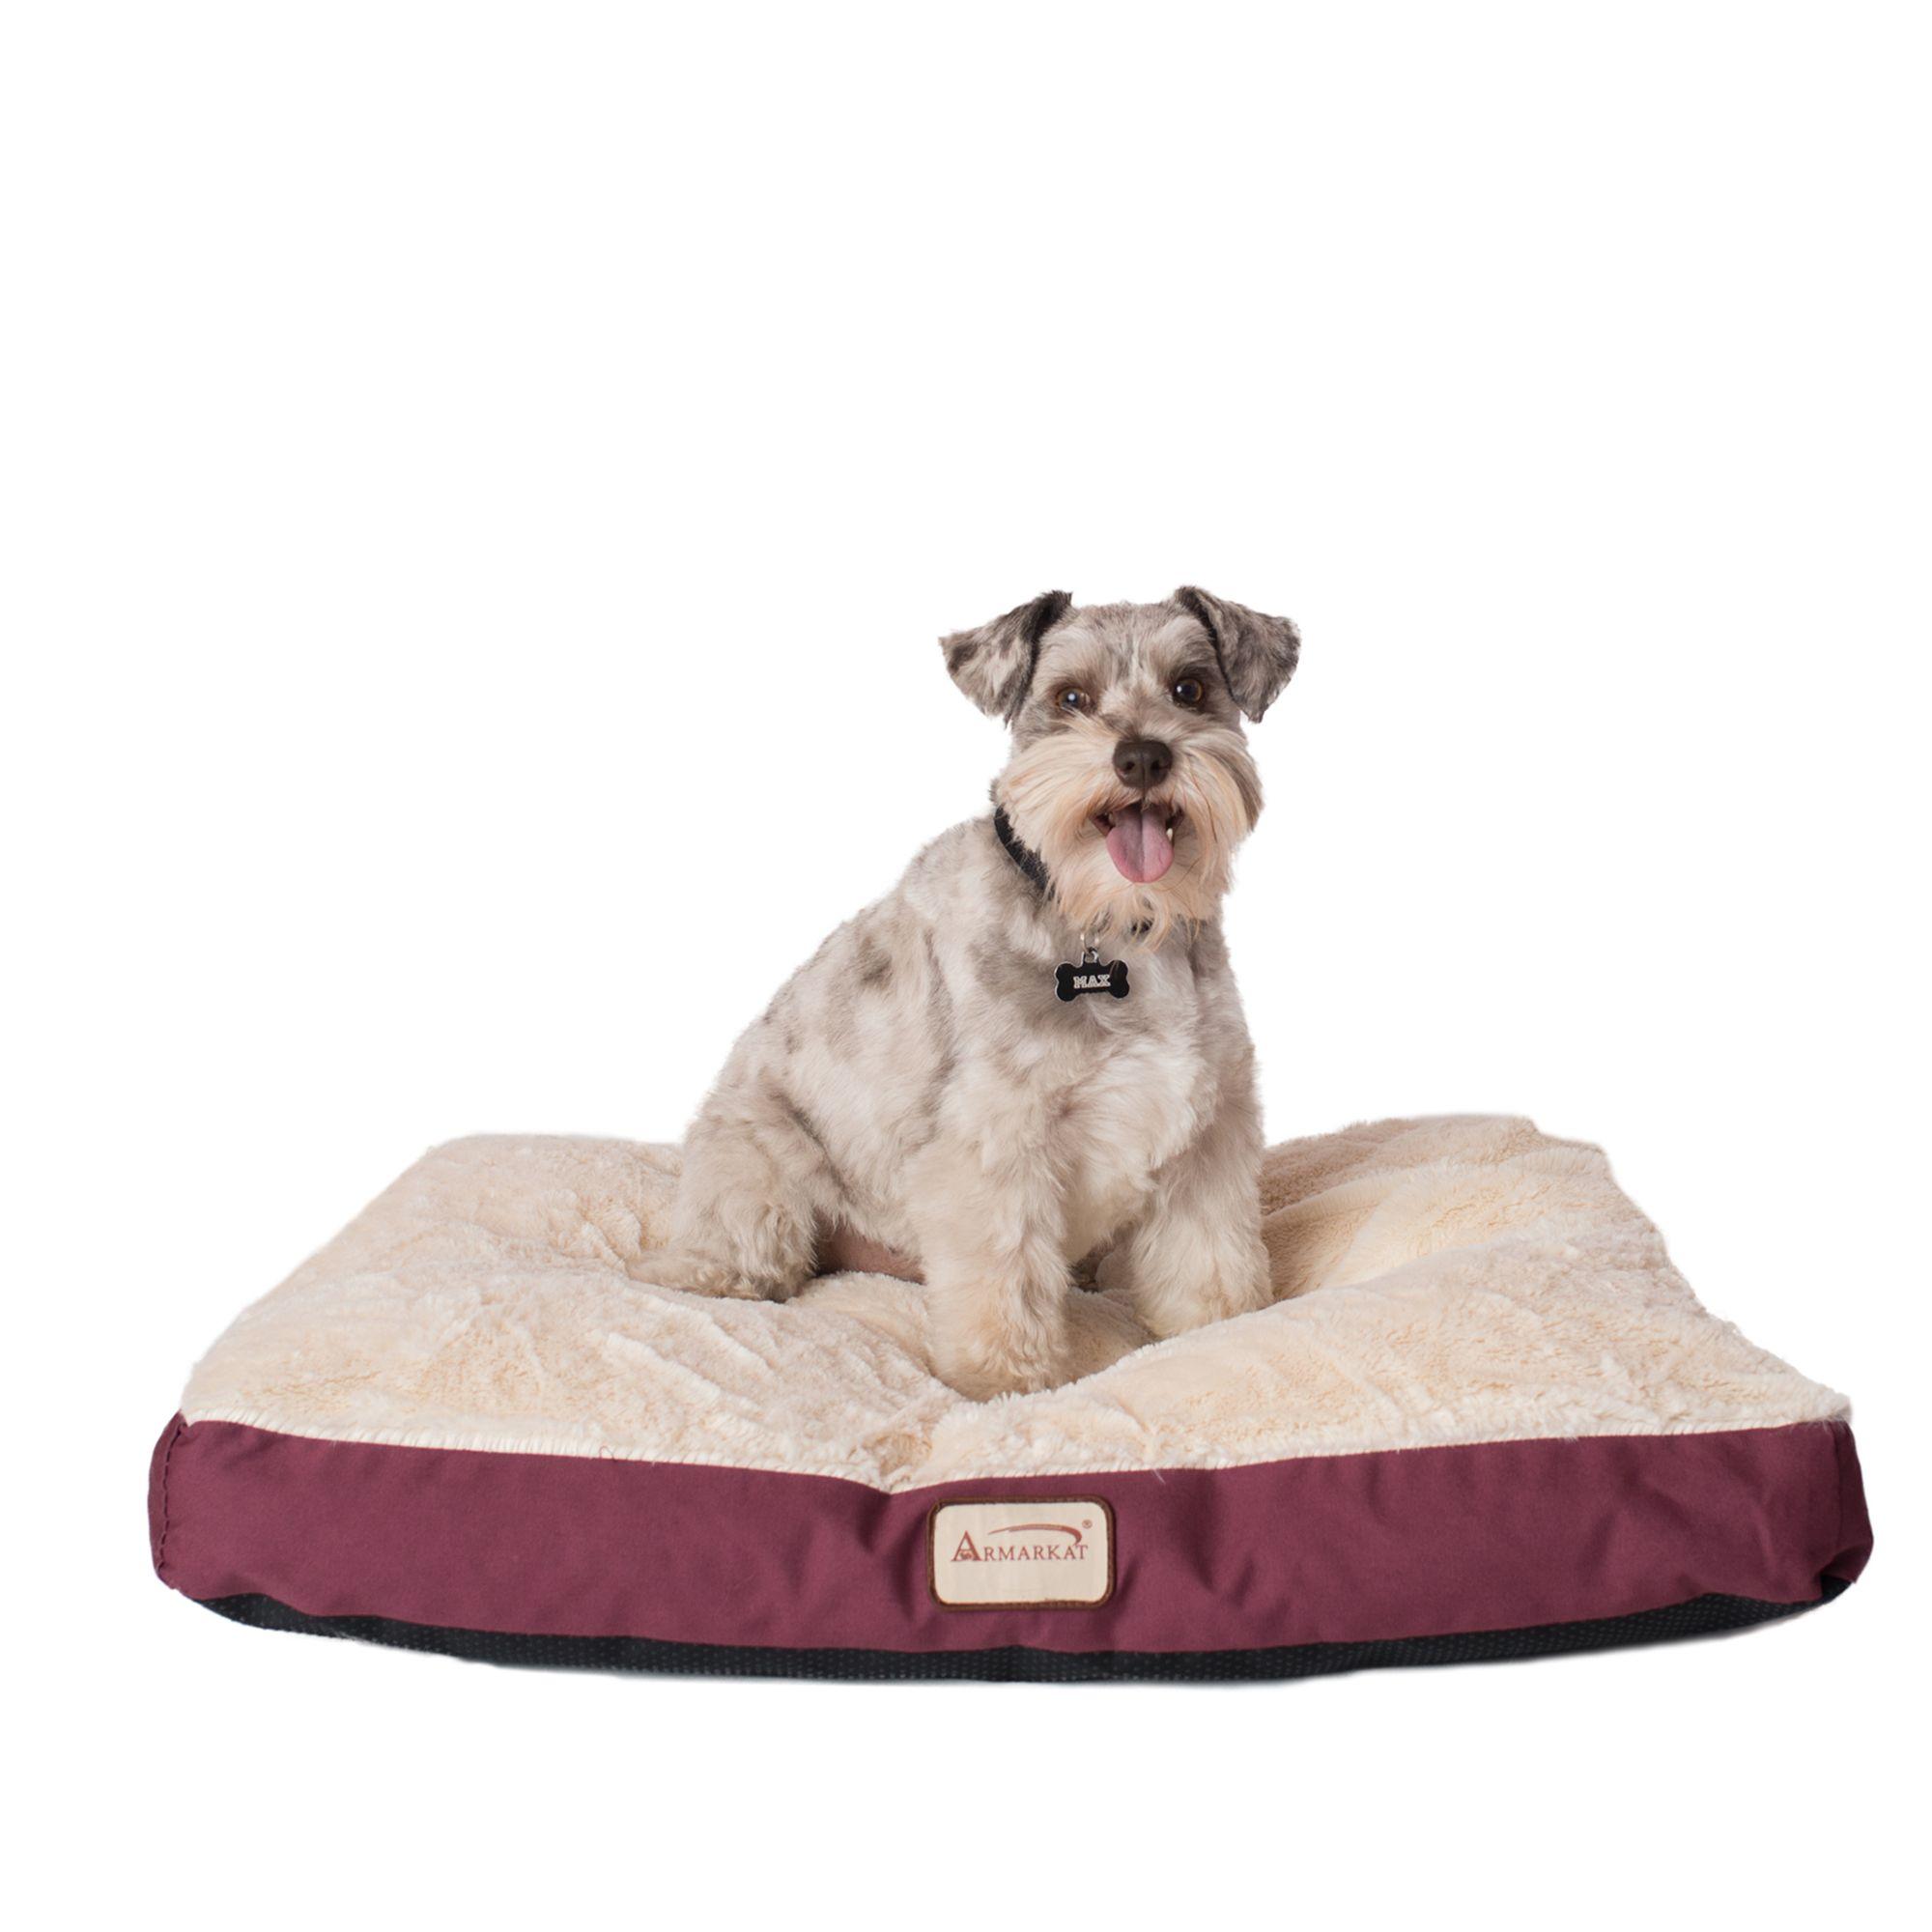 Armarkat Pet Bed size:...